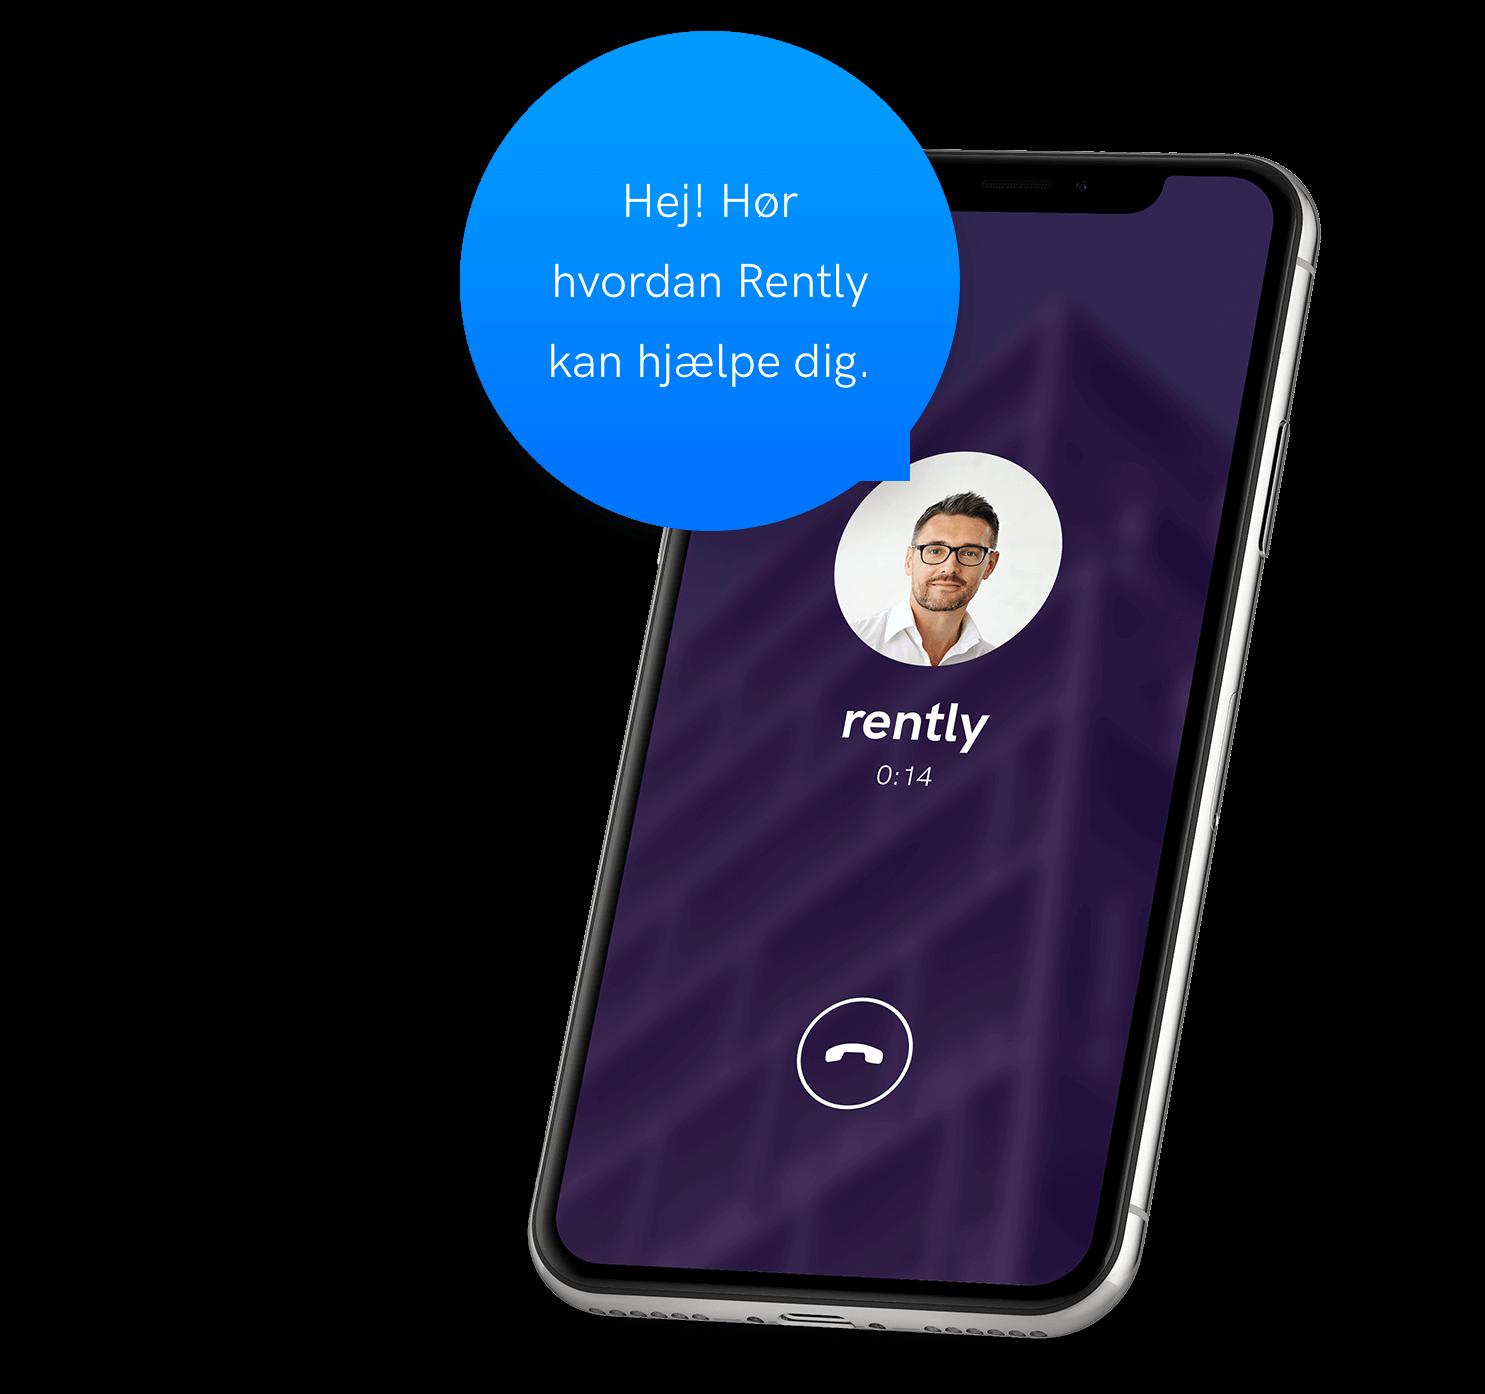 Hør hvordan Rently kan hjælpe dig